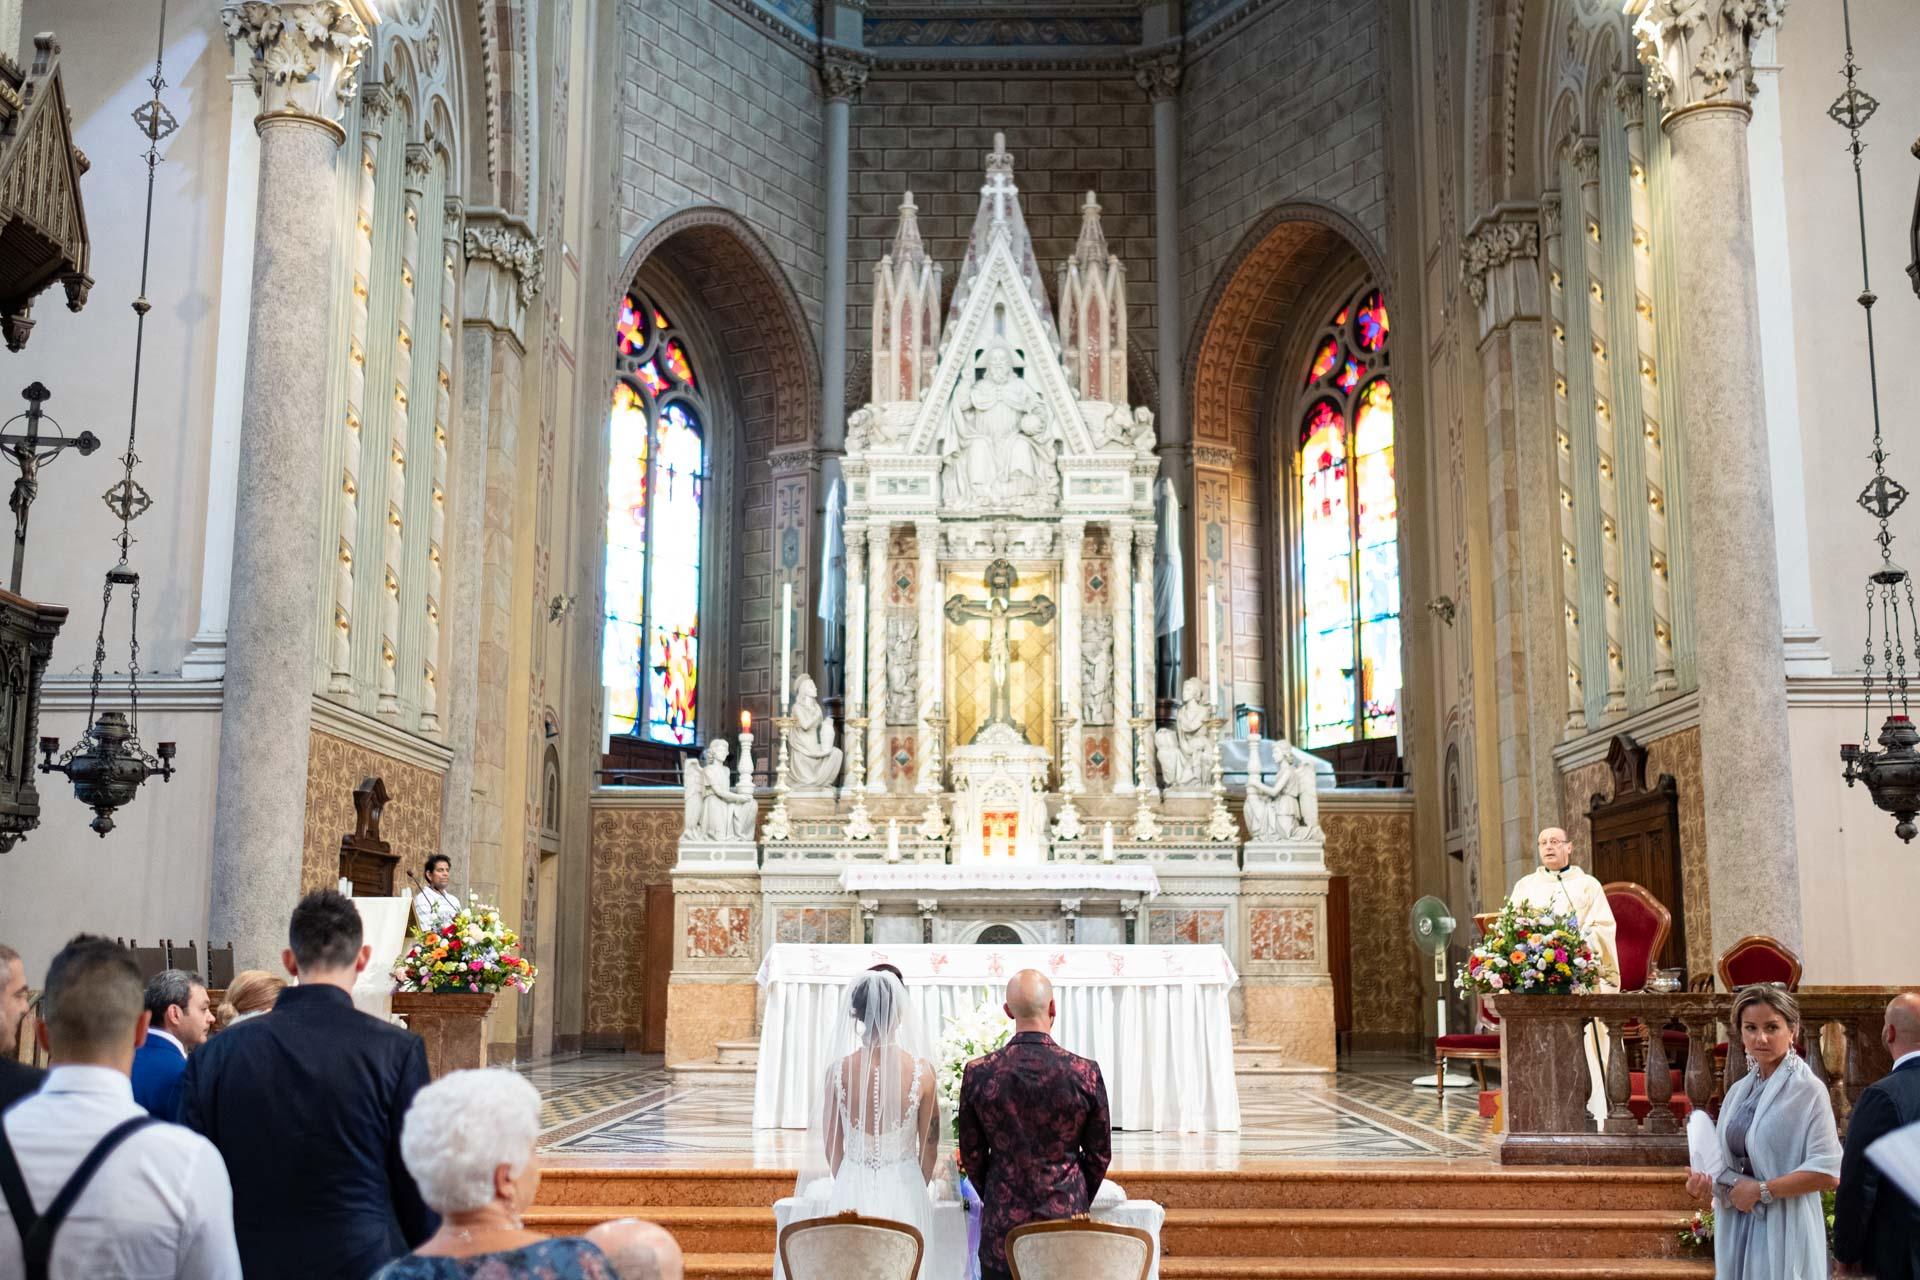 sposi matrimonio chiesa interno altare invitati